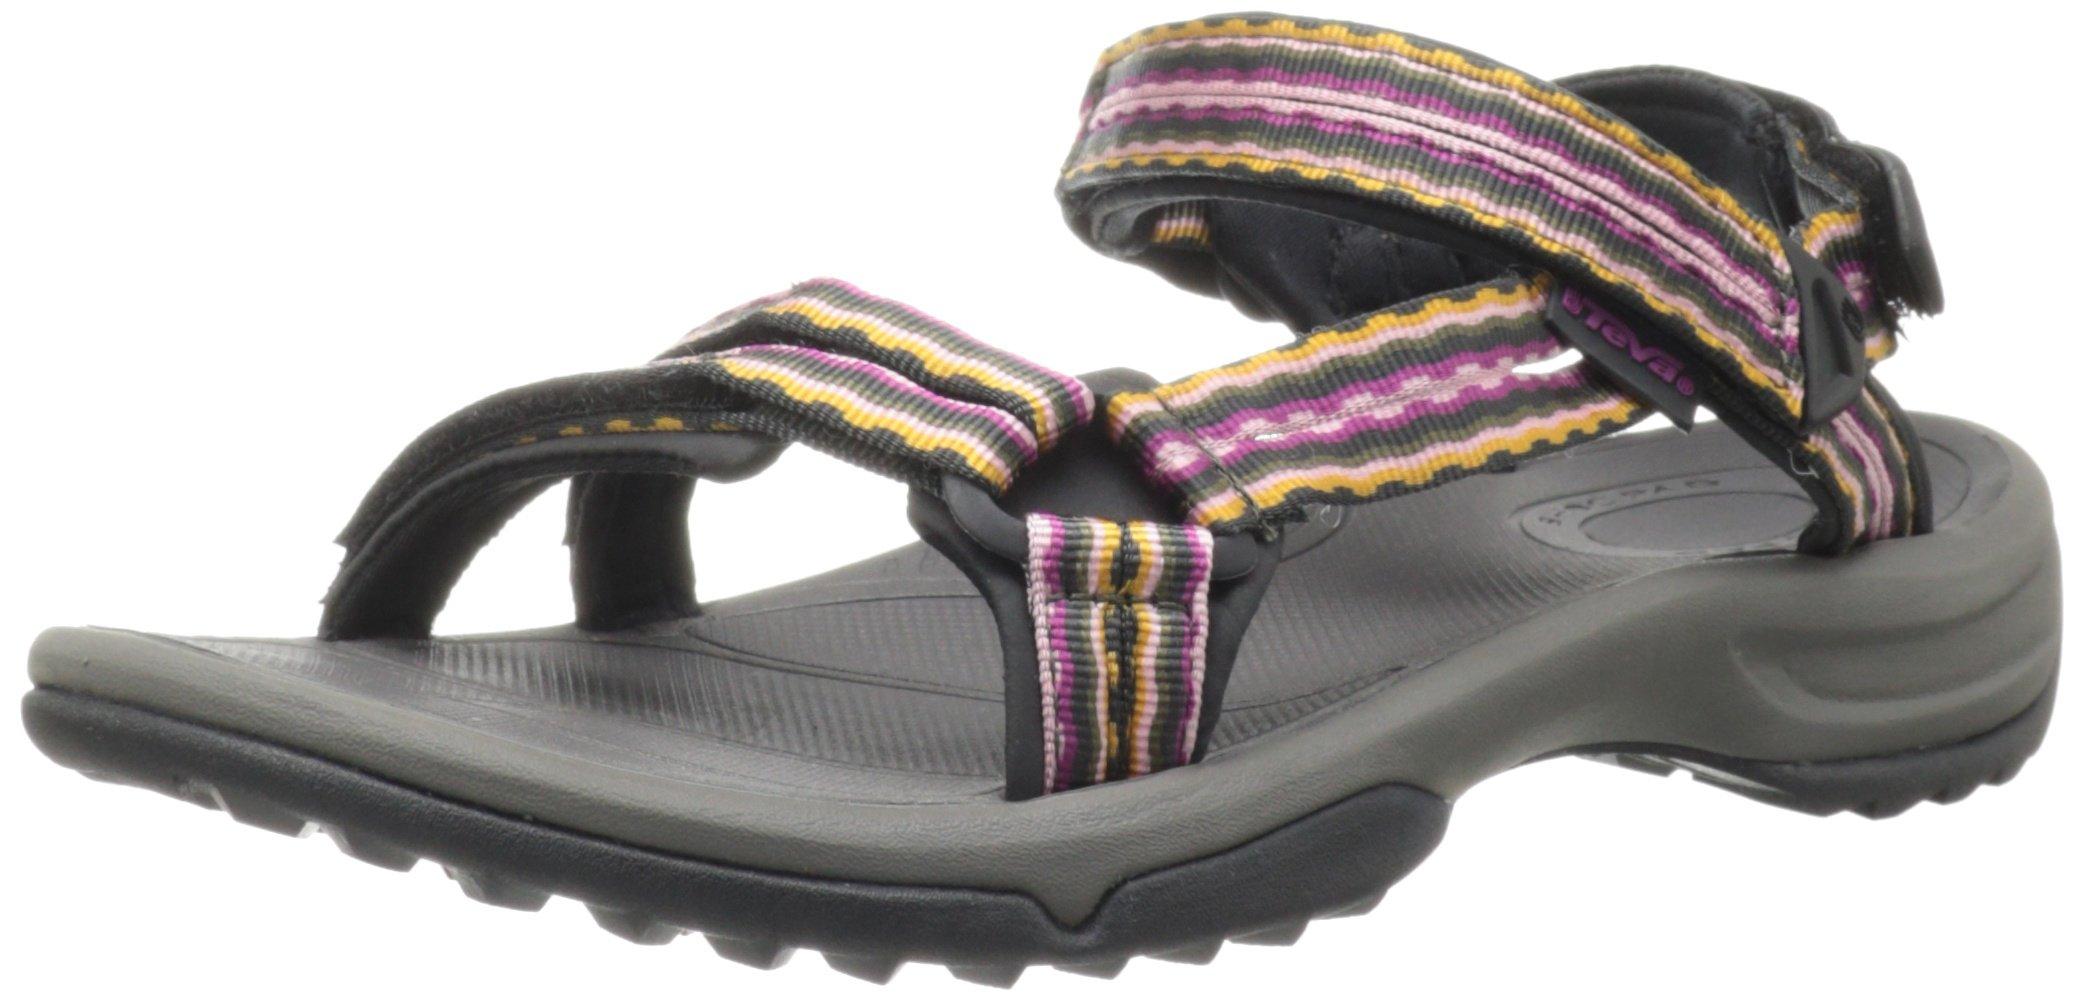 Teva Women's Terra FI Lite Sandal,Maat Multi,11.5 M US